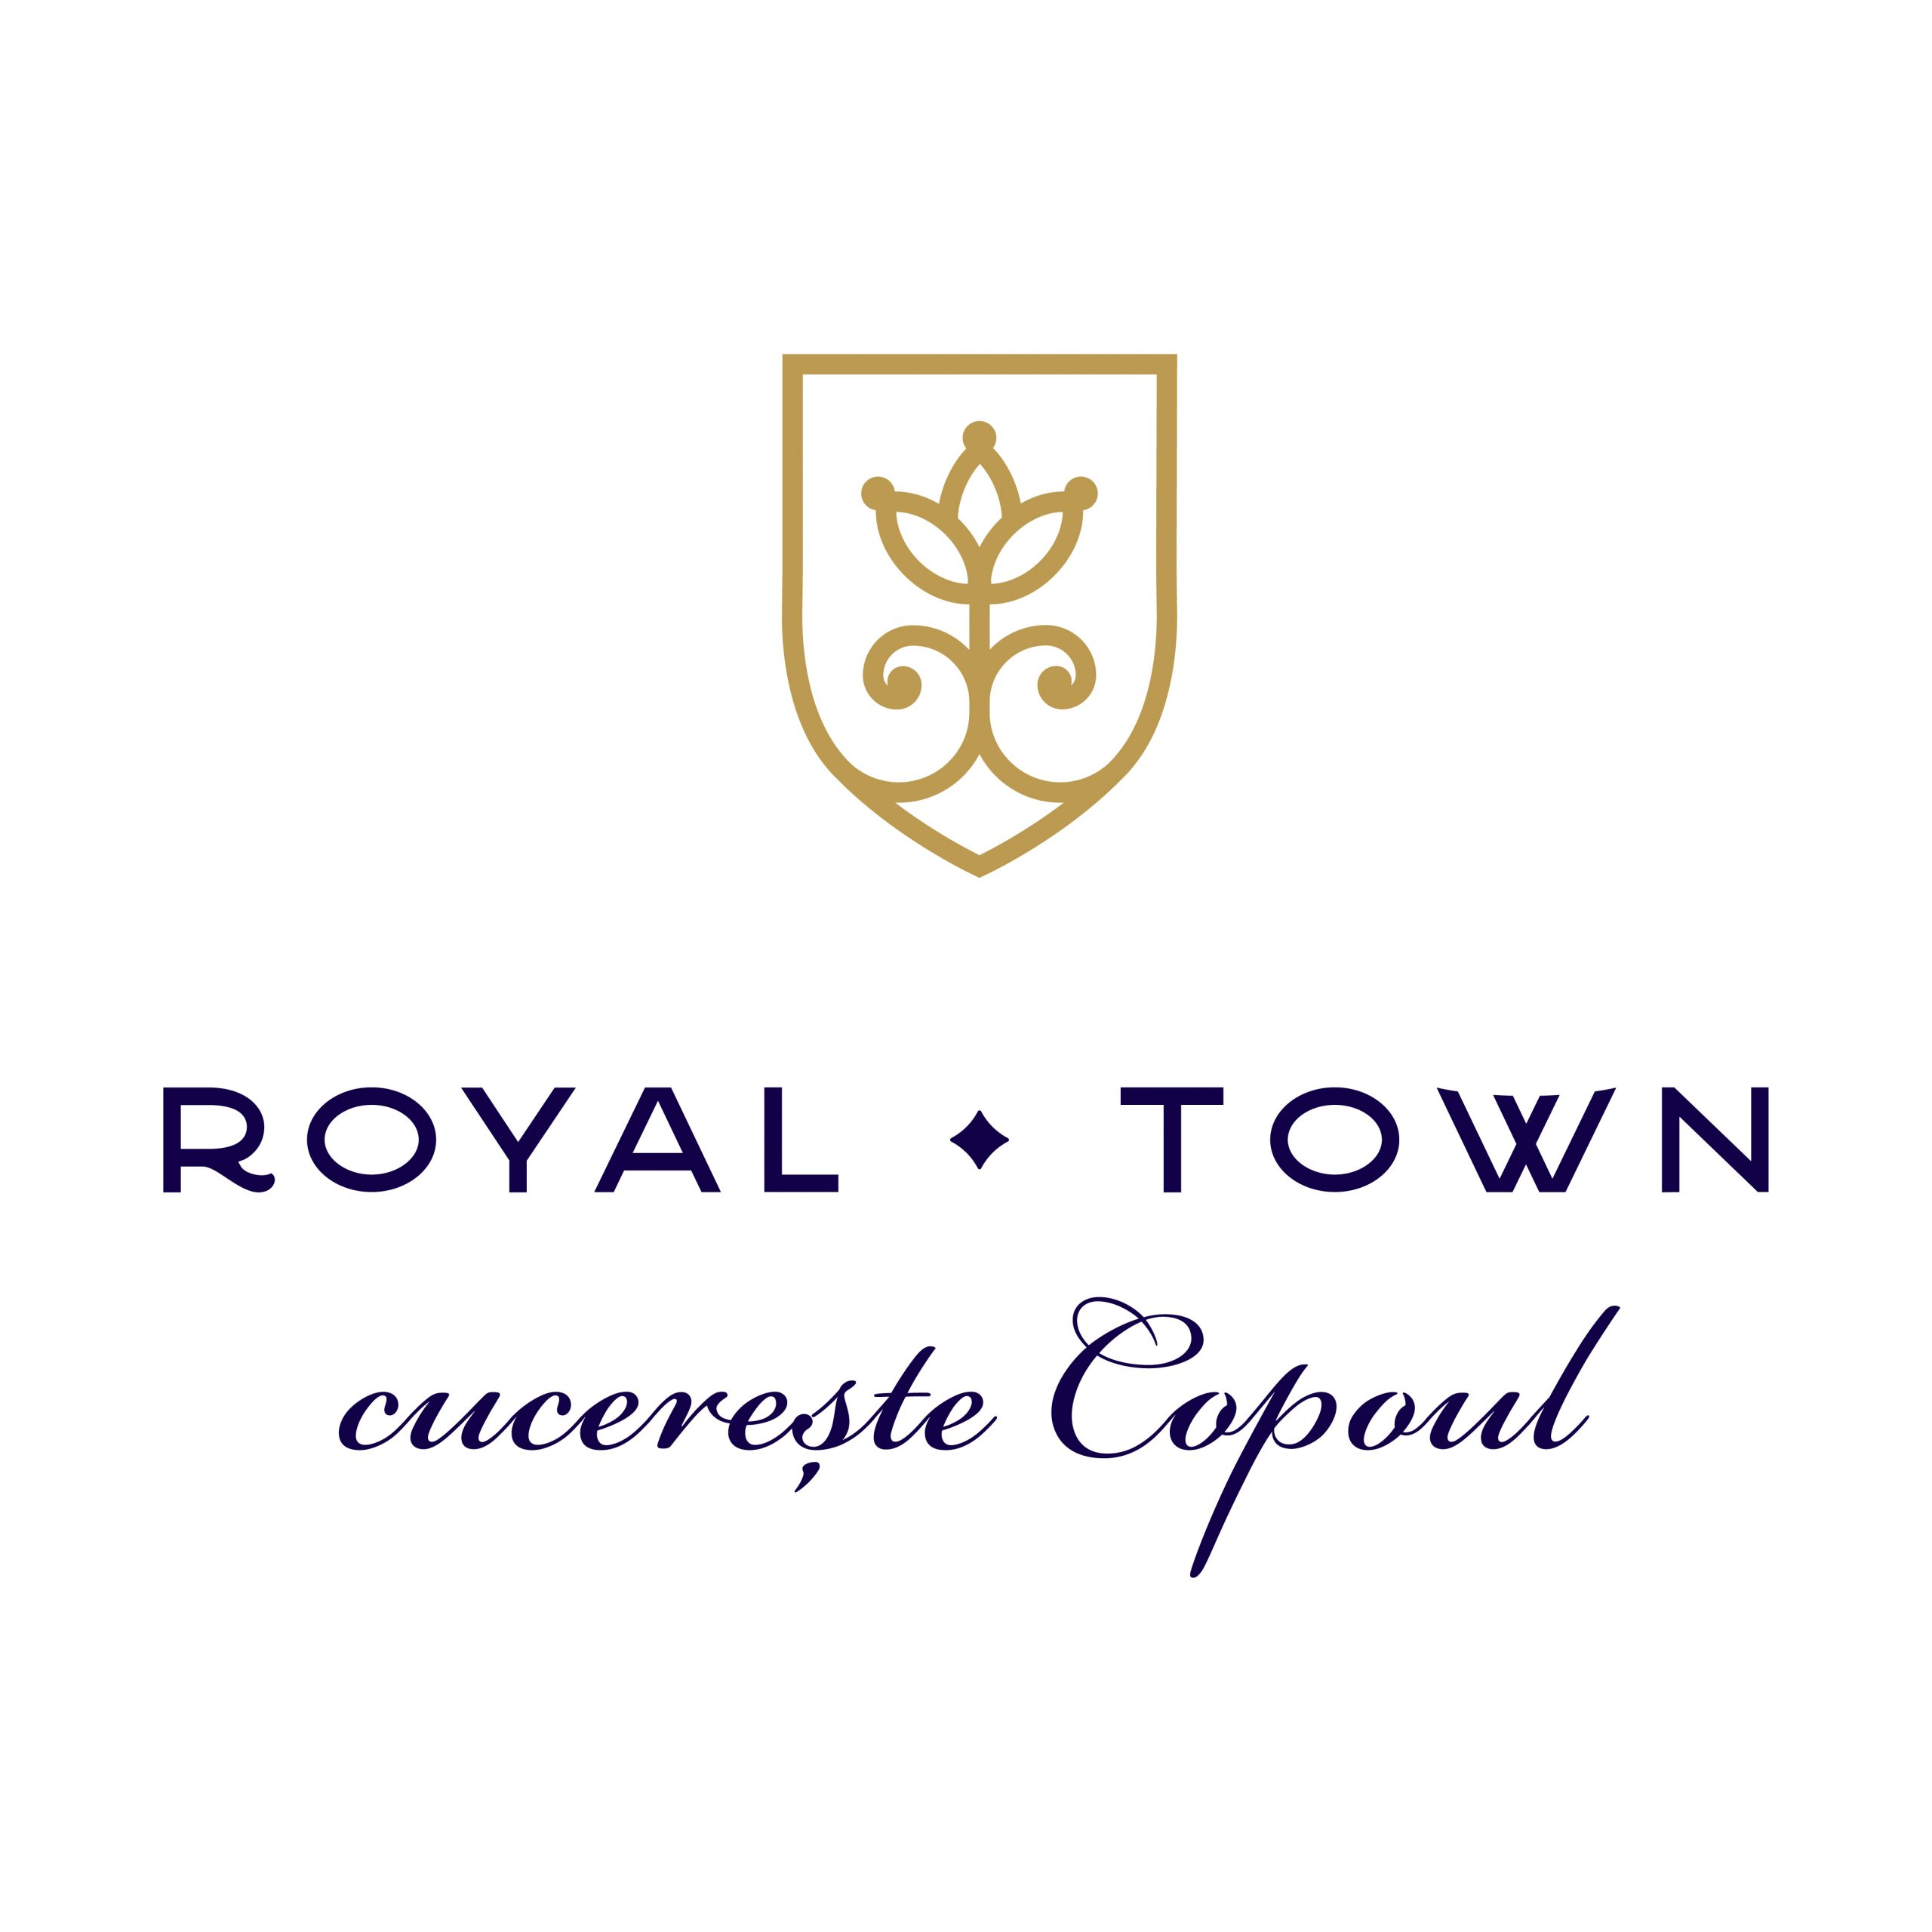 Royal Town